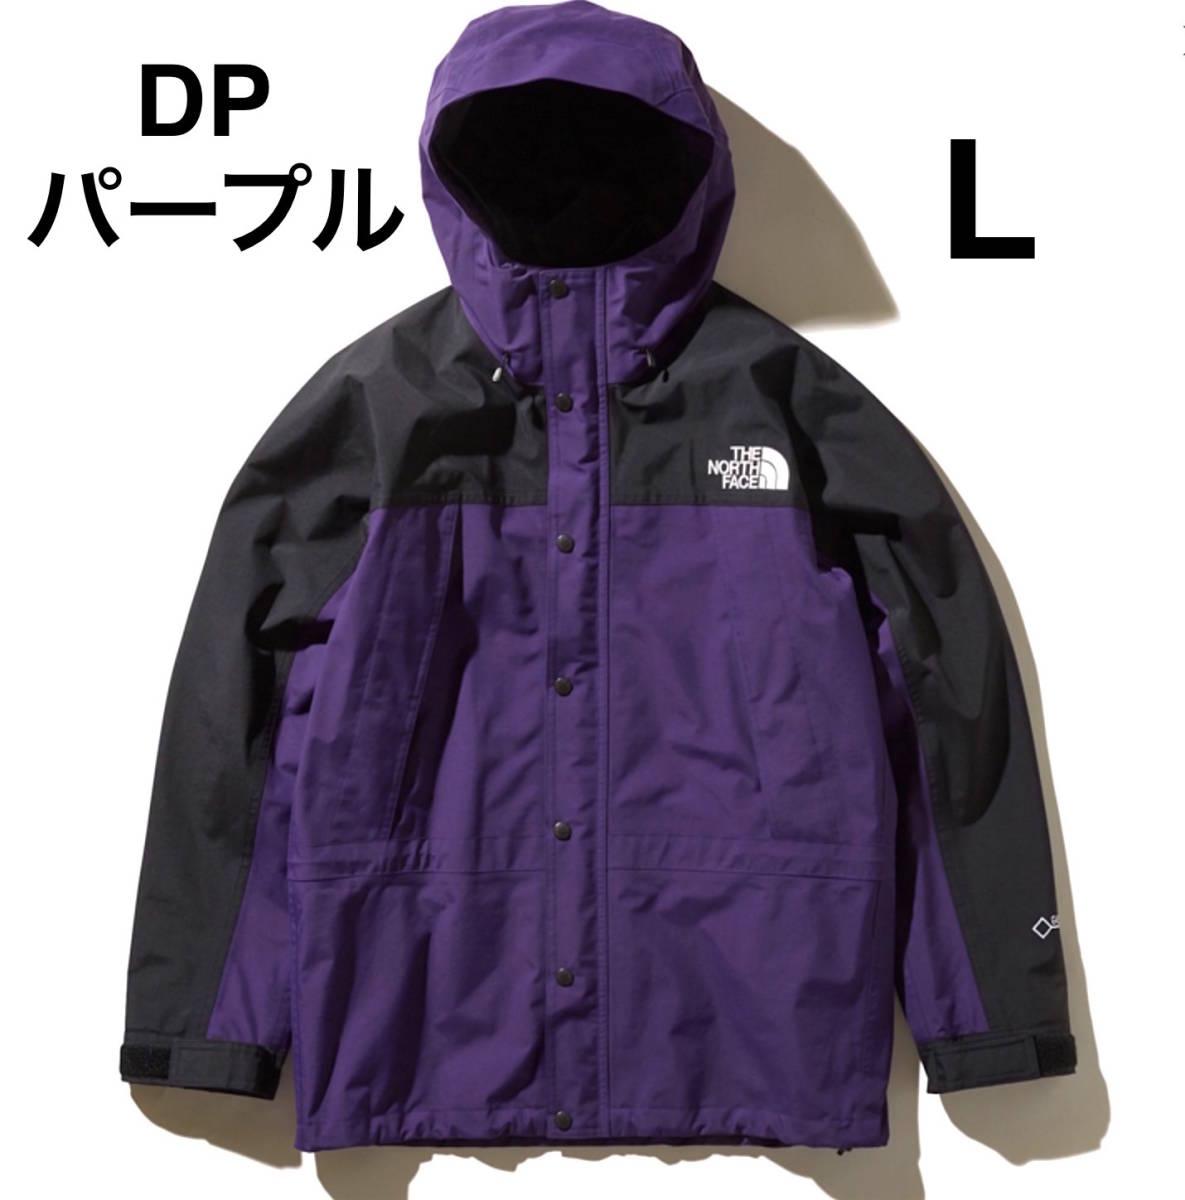 L ディープパワーパープル DP Gore-Tex マウンテンライトジャケット The North Face Mountain Light Jacket NP11834 パープル 紫 purple